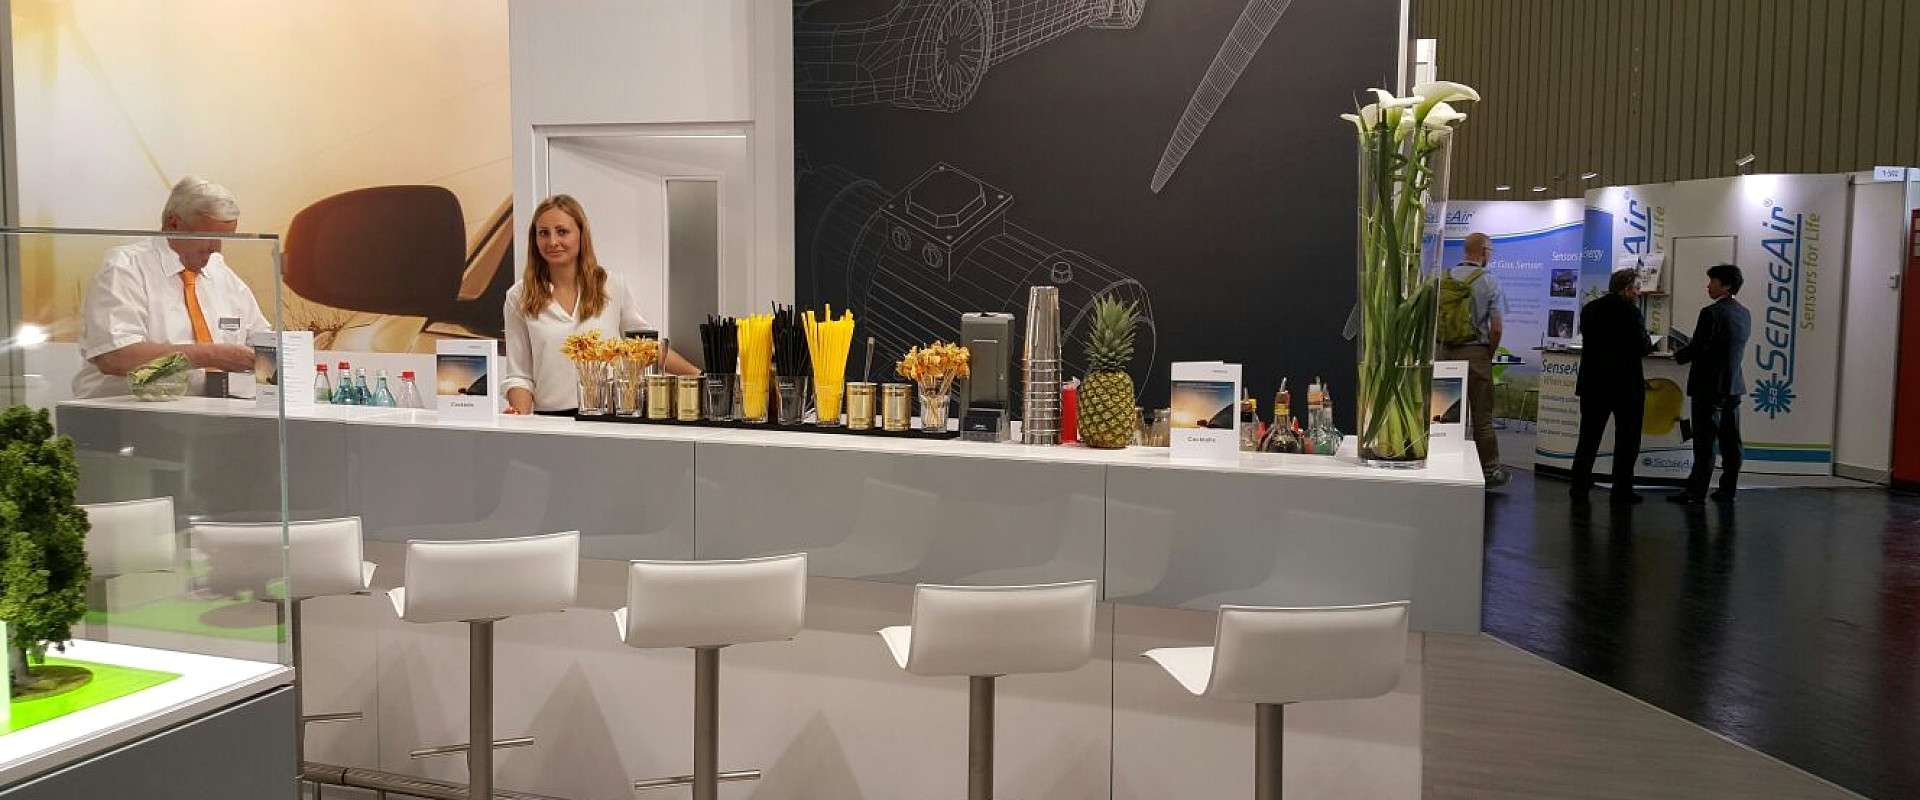 Cocktailbar Nürnberg 2016